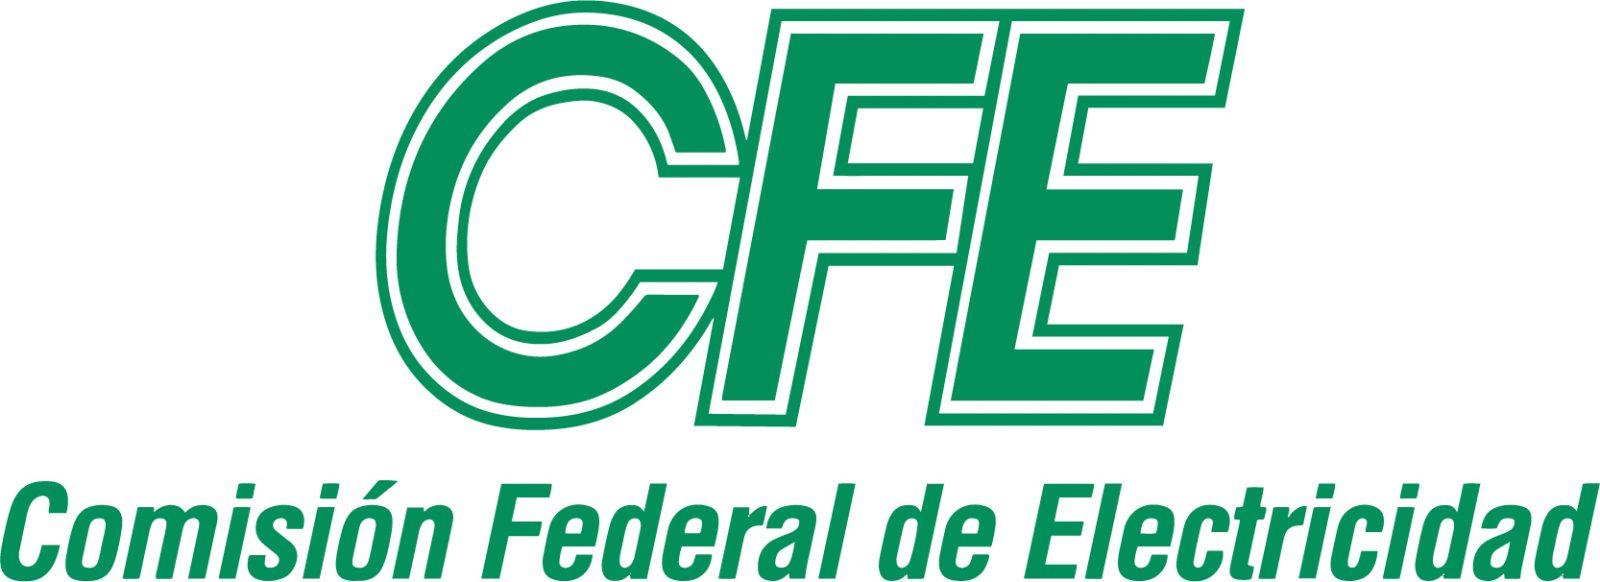 Commision Federal De Electricidad